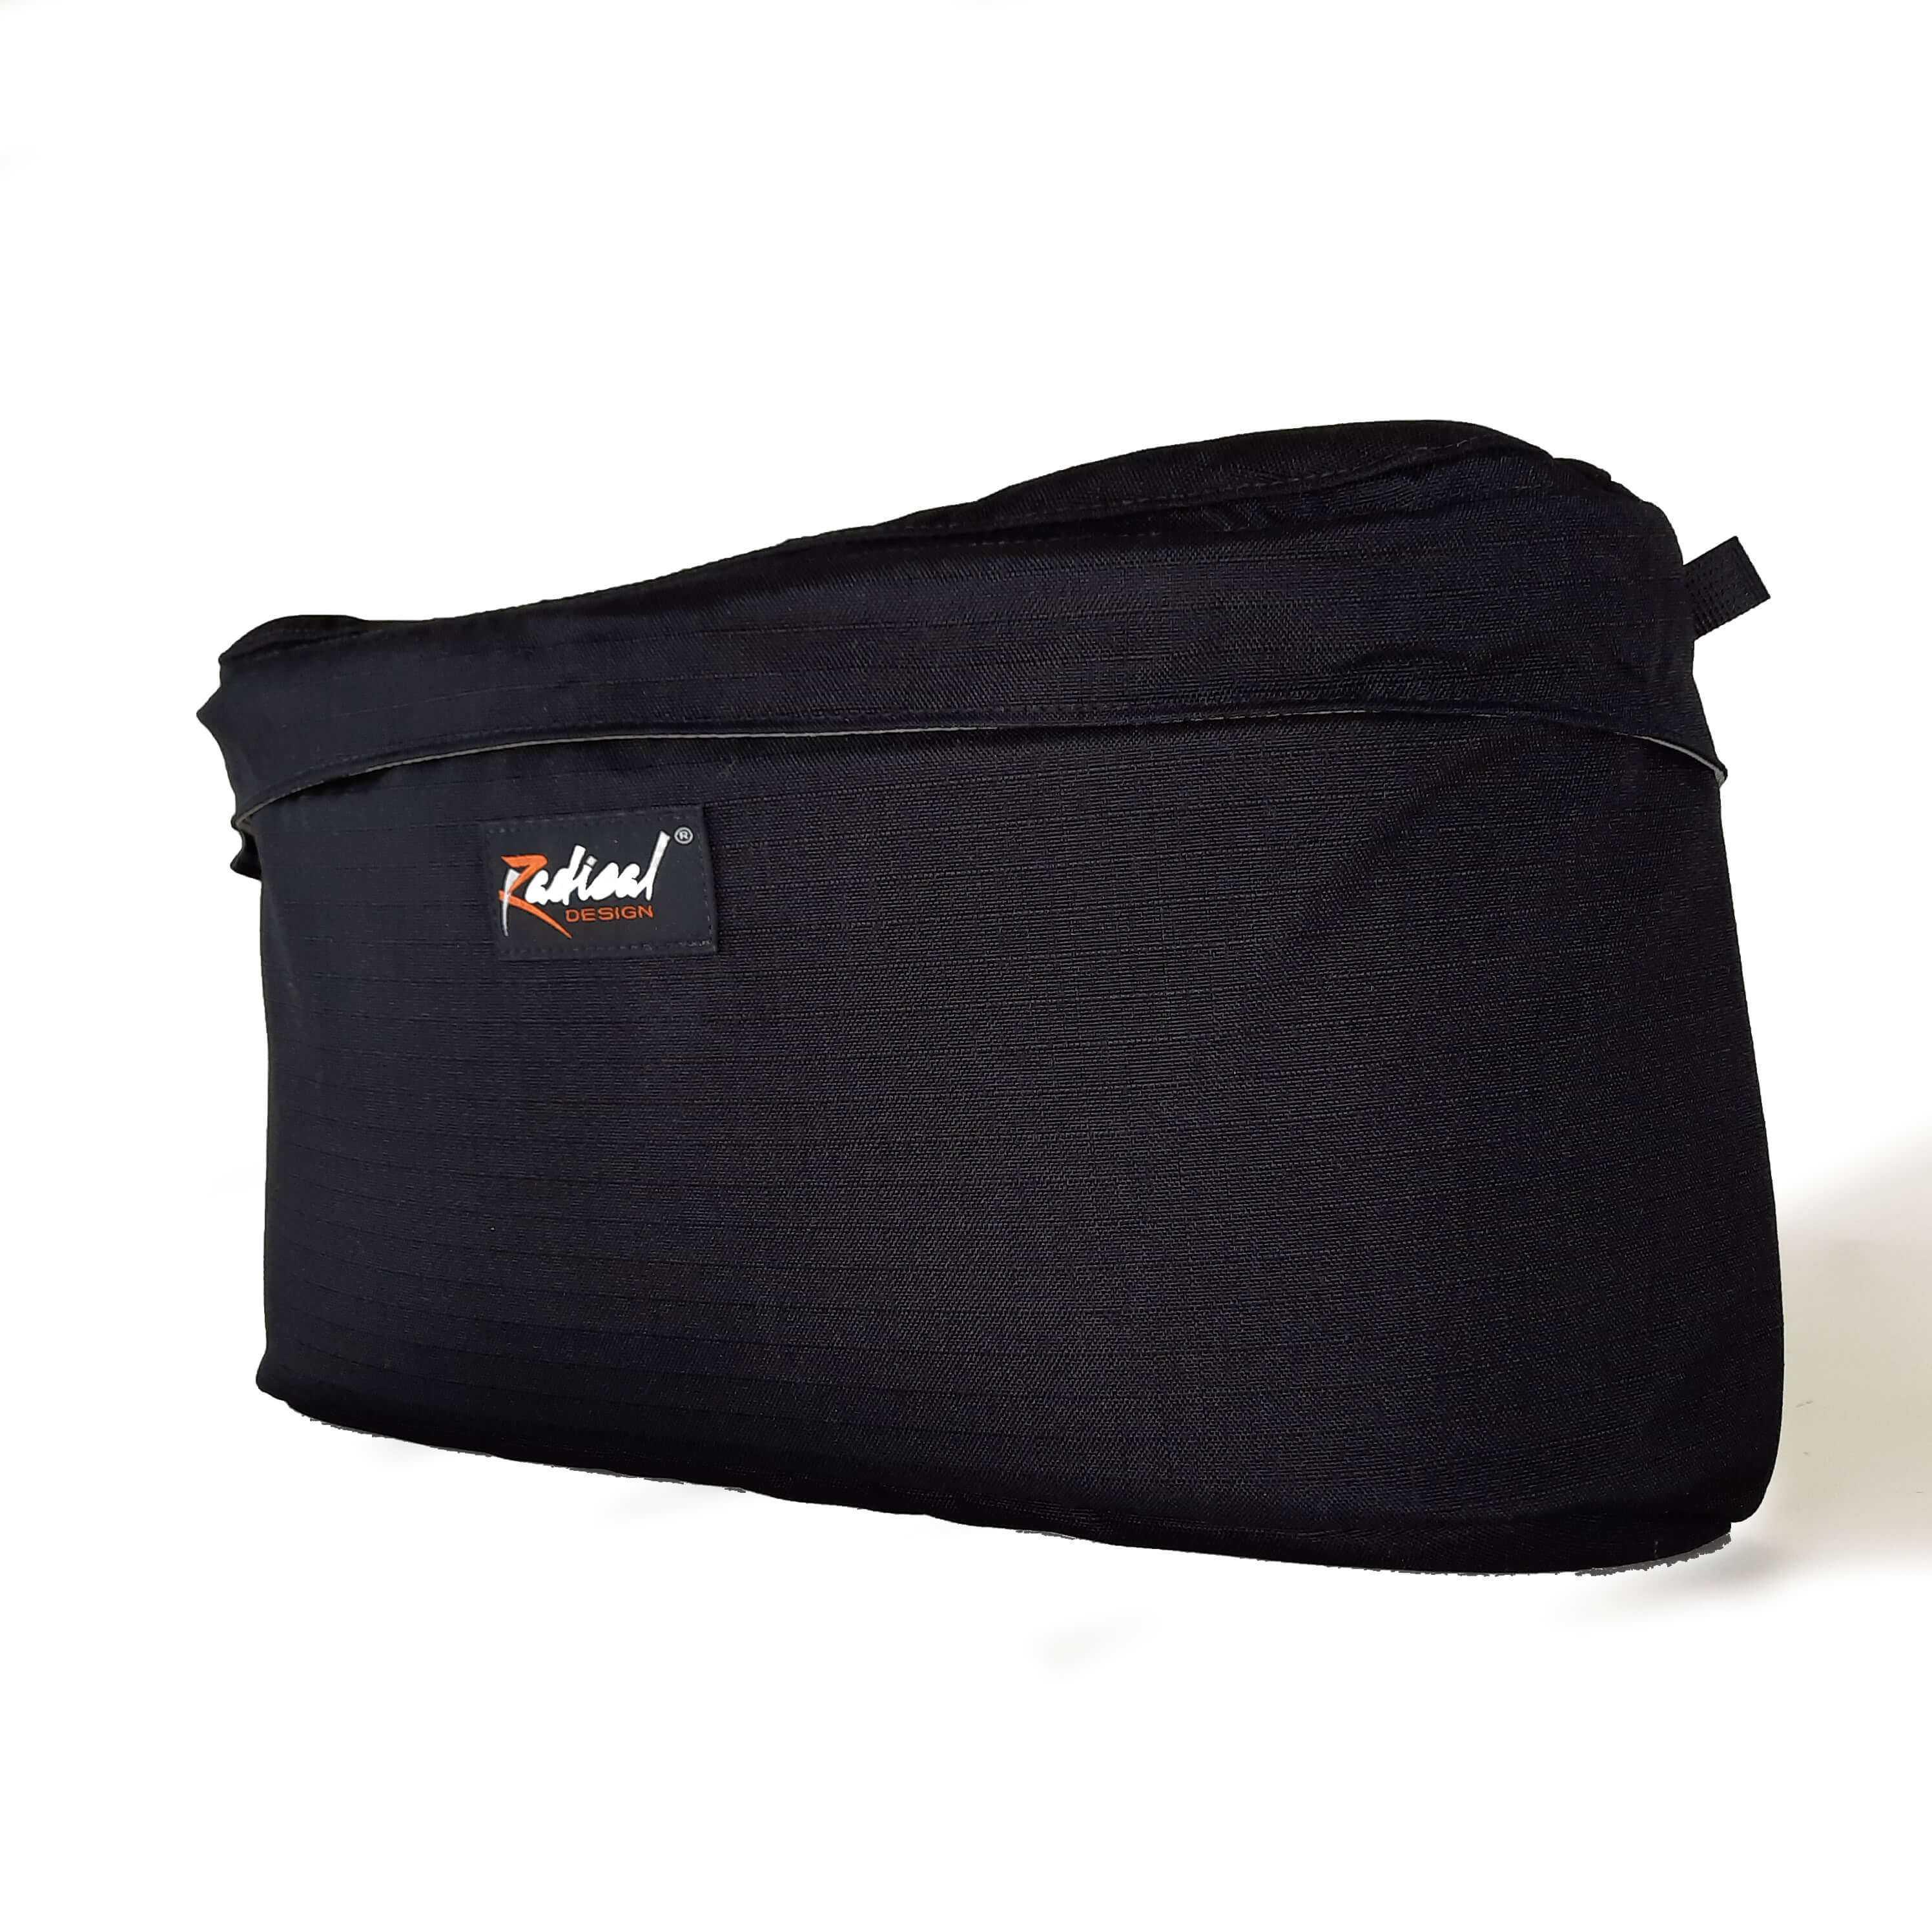 Pino Bag